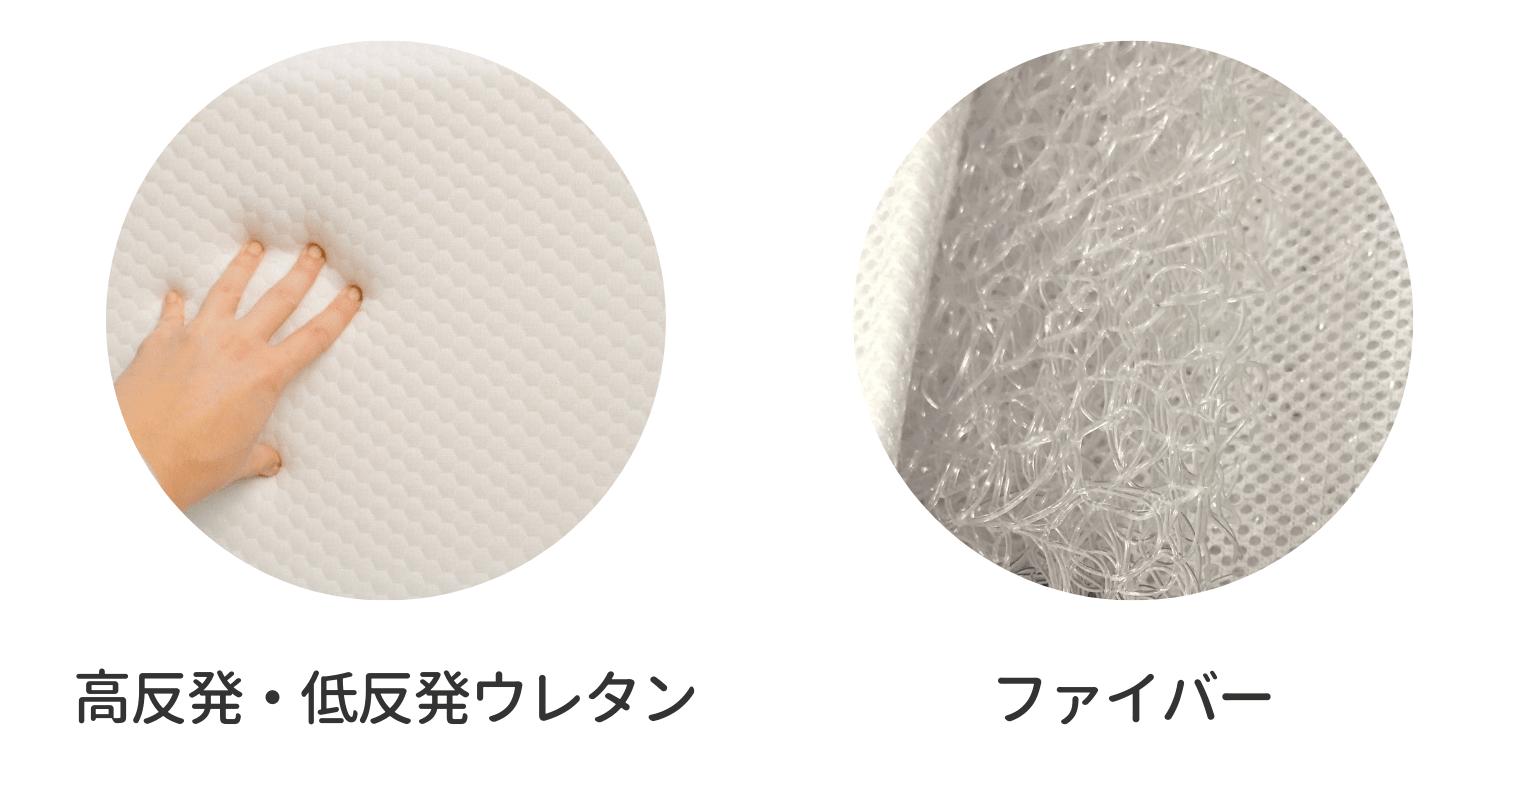 ストレートネックに最適な枕の素材